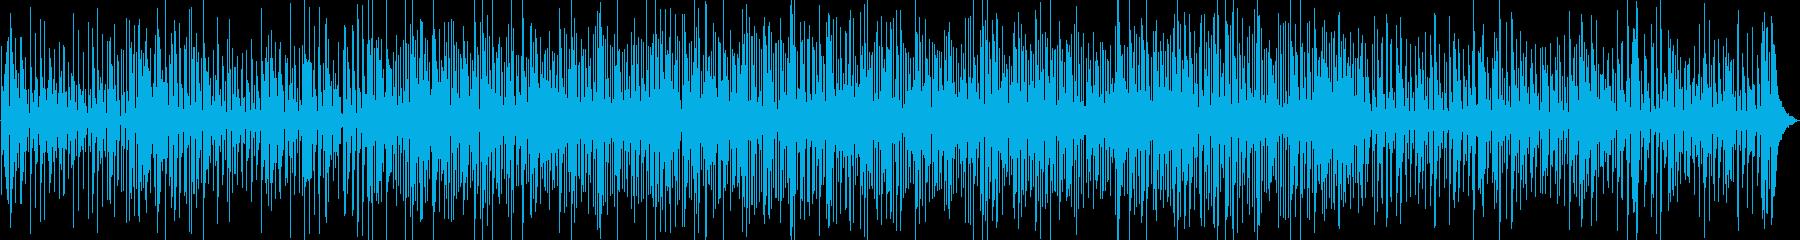 大人セクシーなワインバーのピアノジャズの再生済みの波形